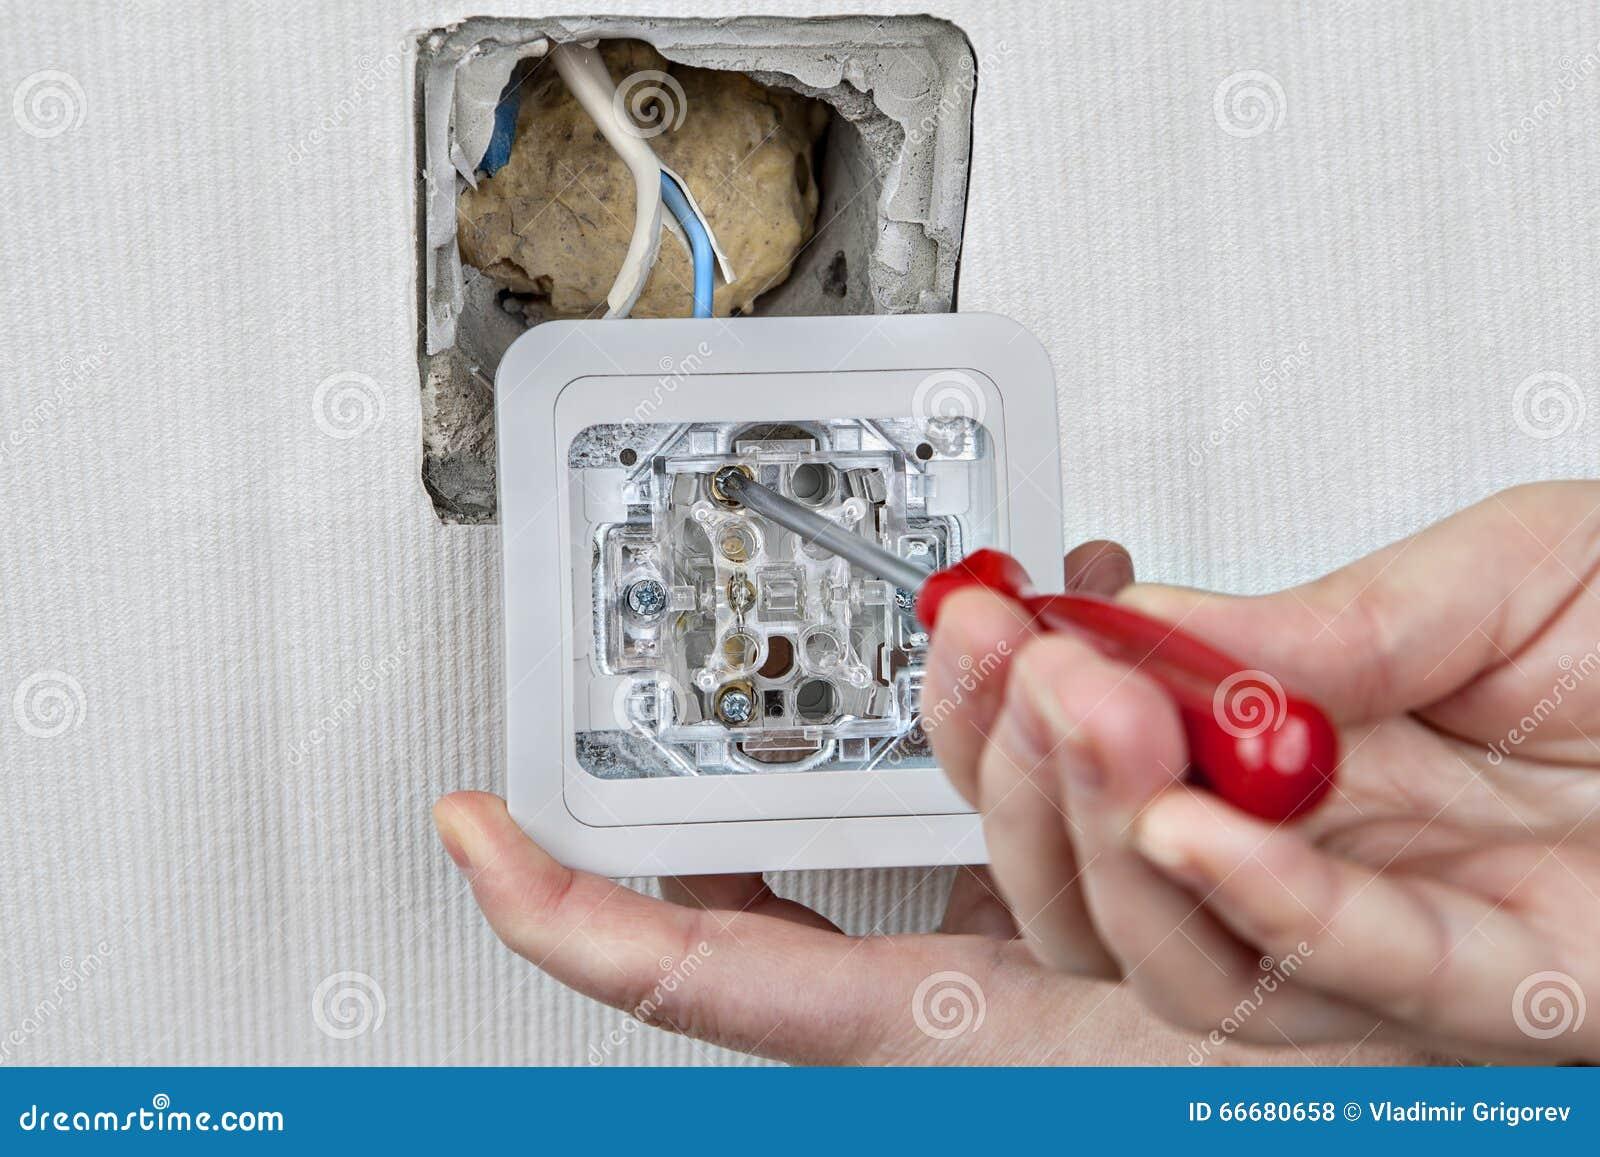 Nett Installieren Sie Einen Schalter Bilder - Der Schaltplan ...